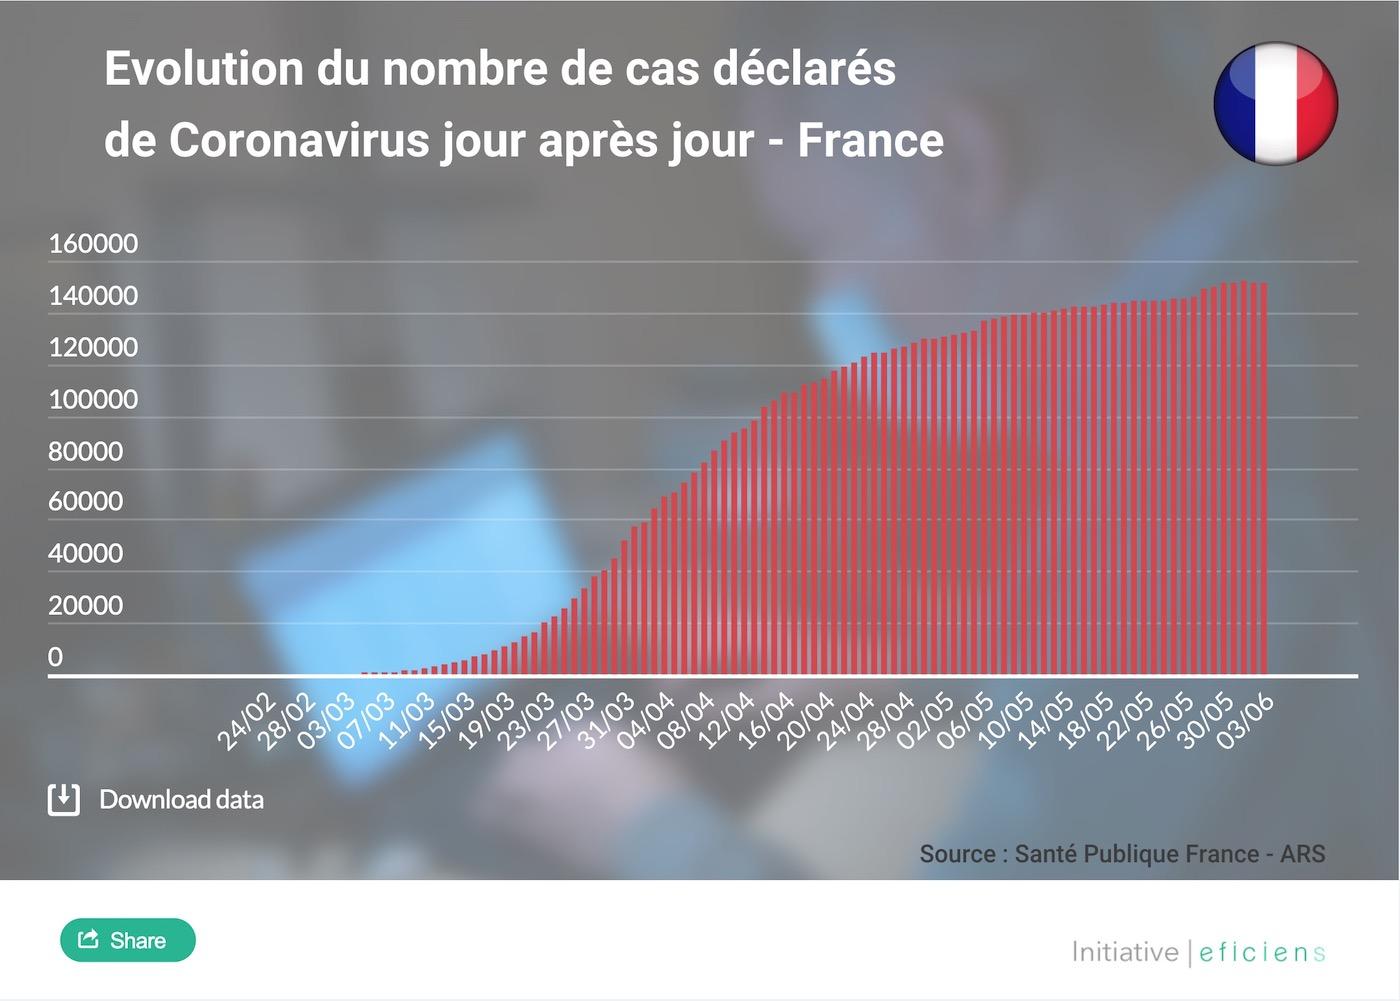 statistiques coronavirus france nombre de cas juin 2020